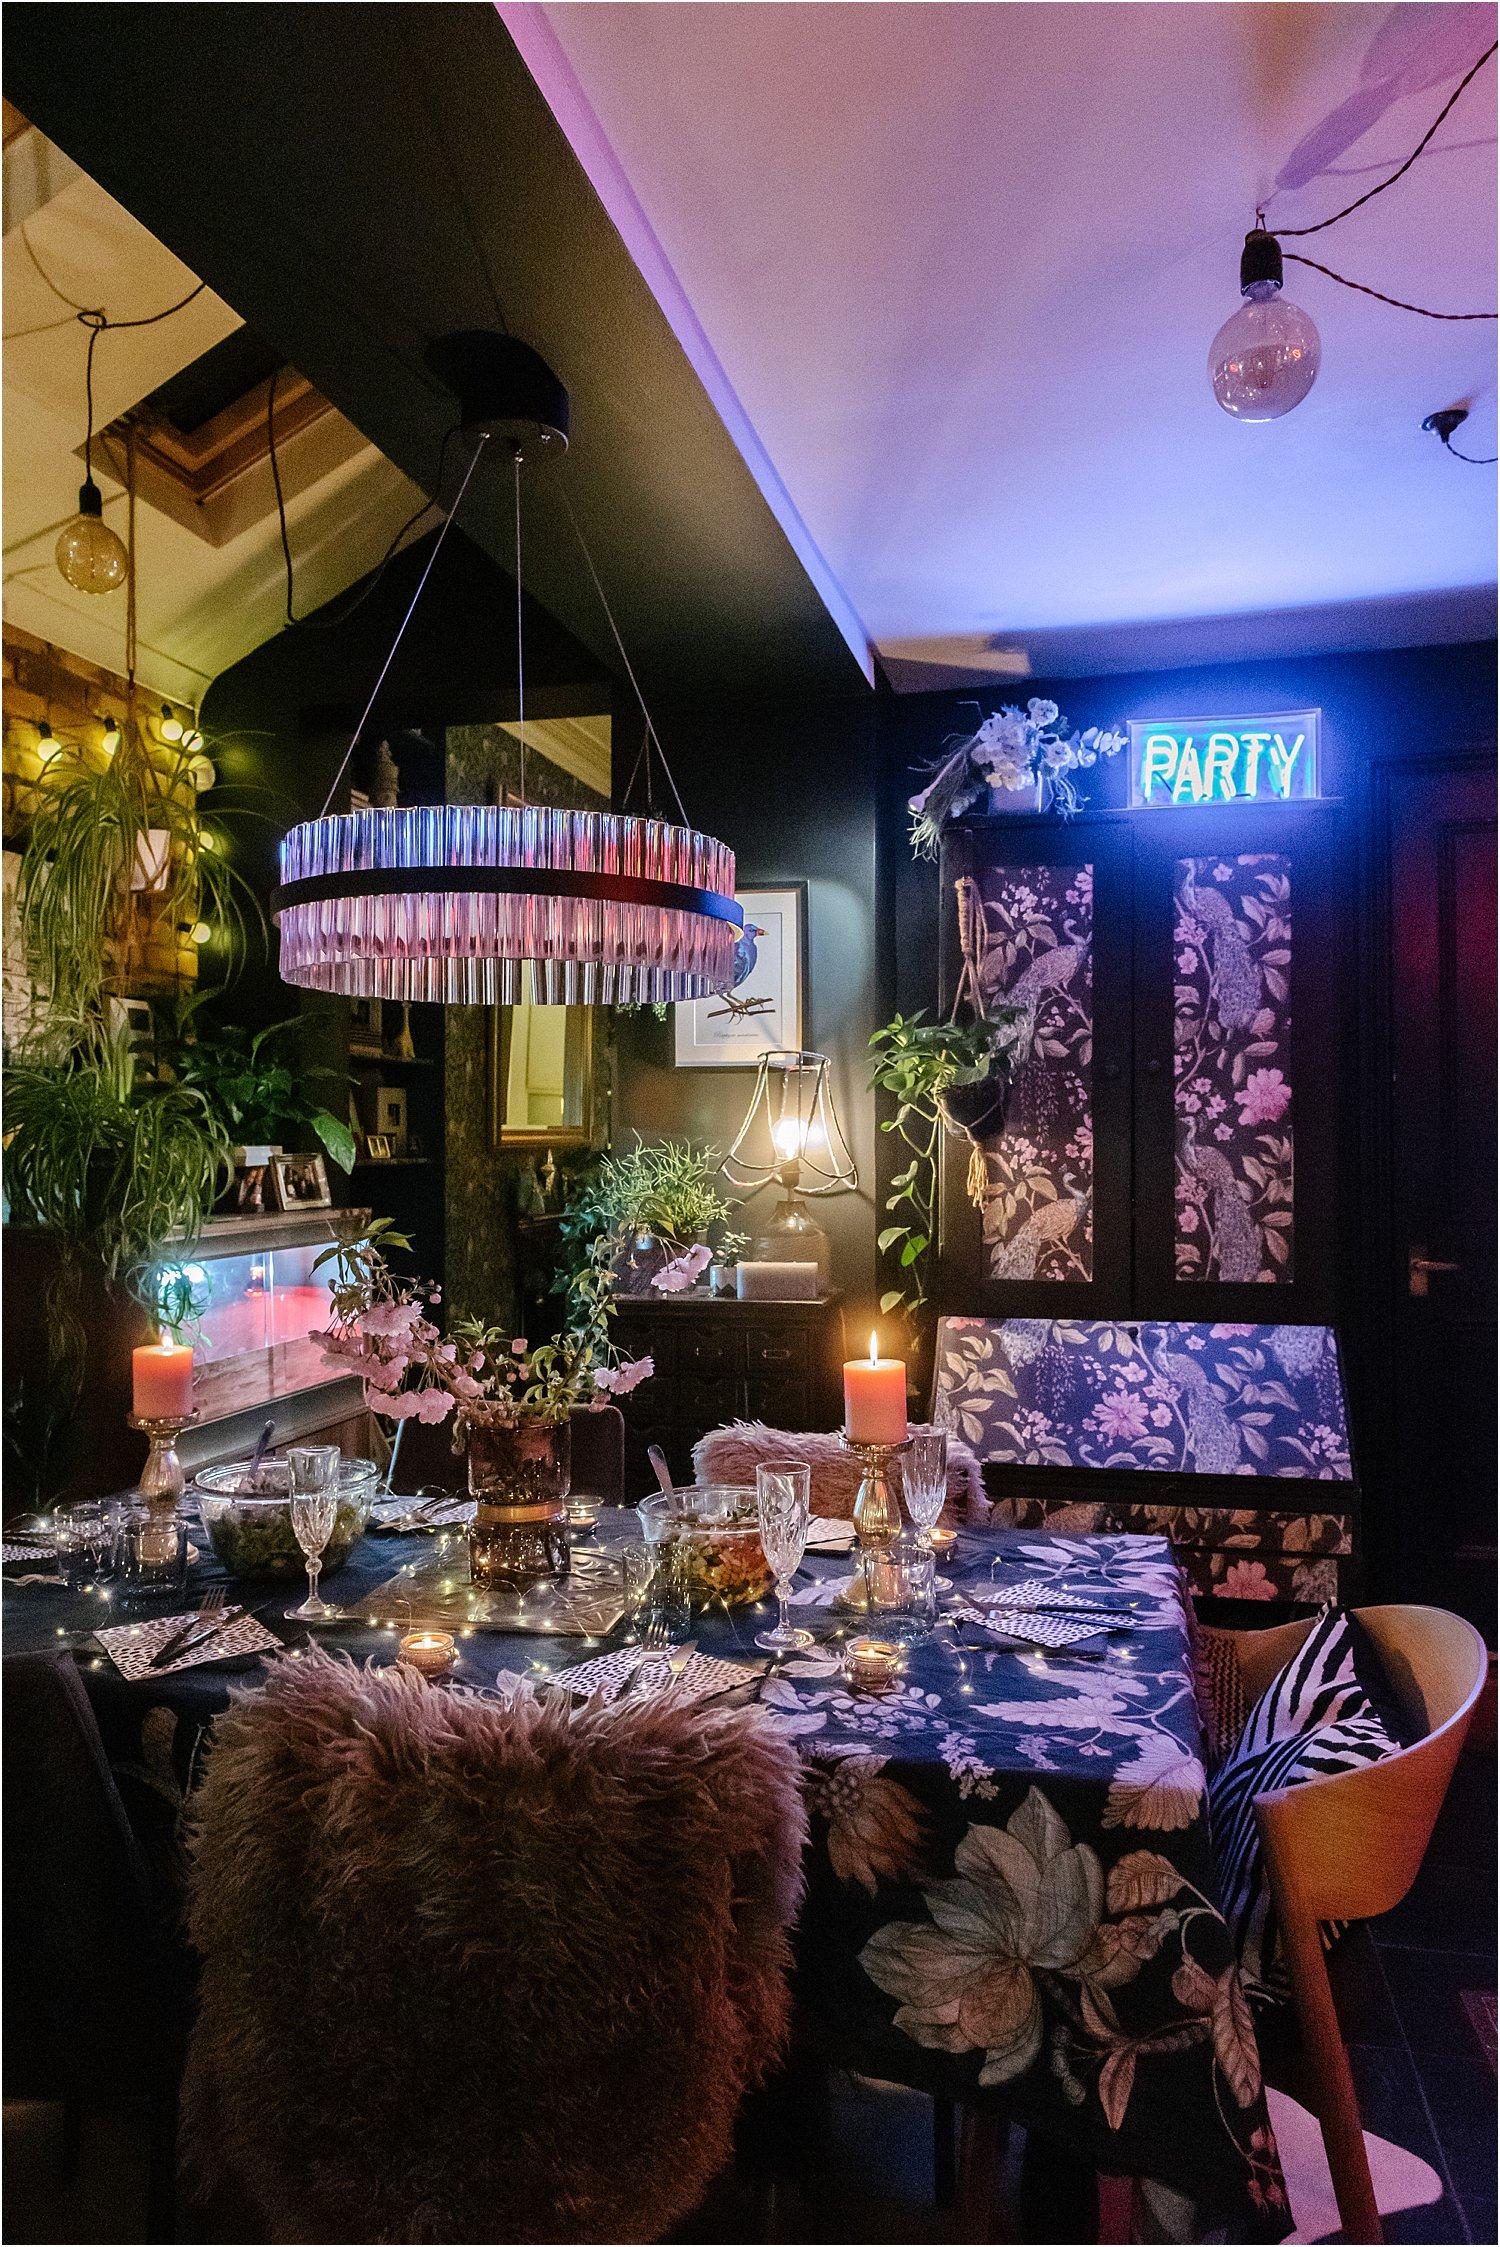 dark-maximalist-eclectic-neon-lighting-indoor-evening-lily-sawyer-photos